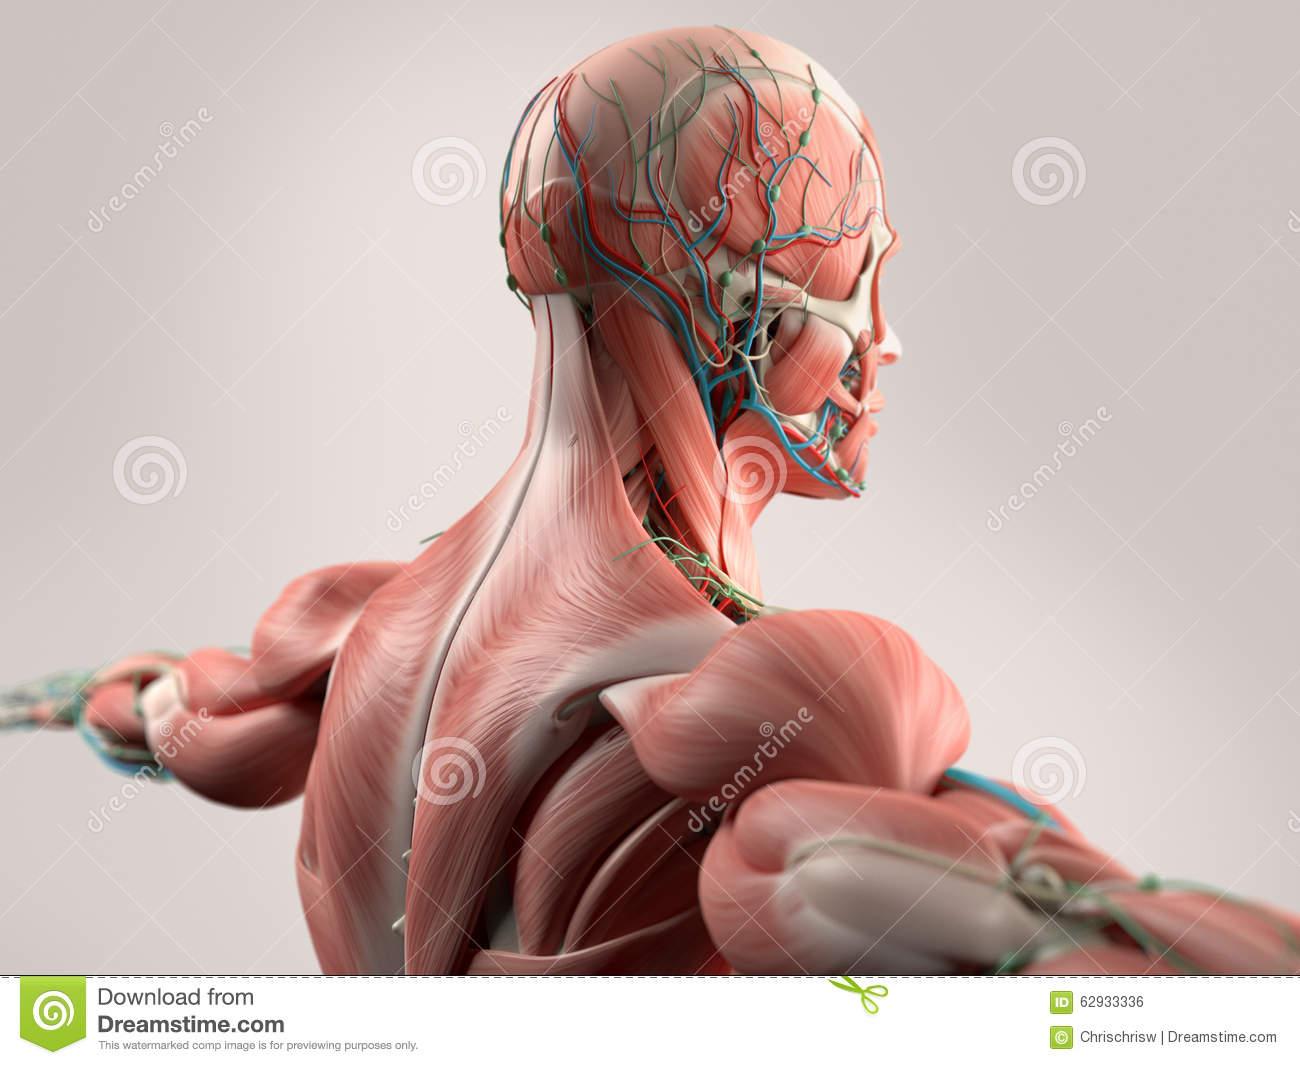 menselijke-anatomie-die-gezicht-hoofd-schouders-en-rug-tonen-62933336.jpg